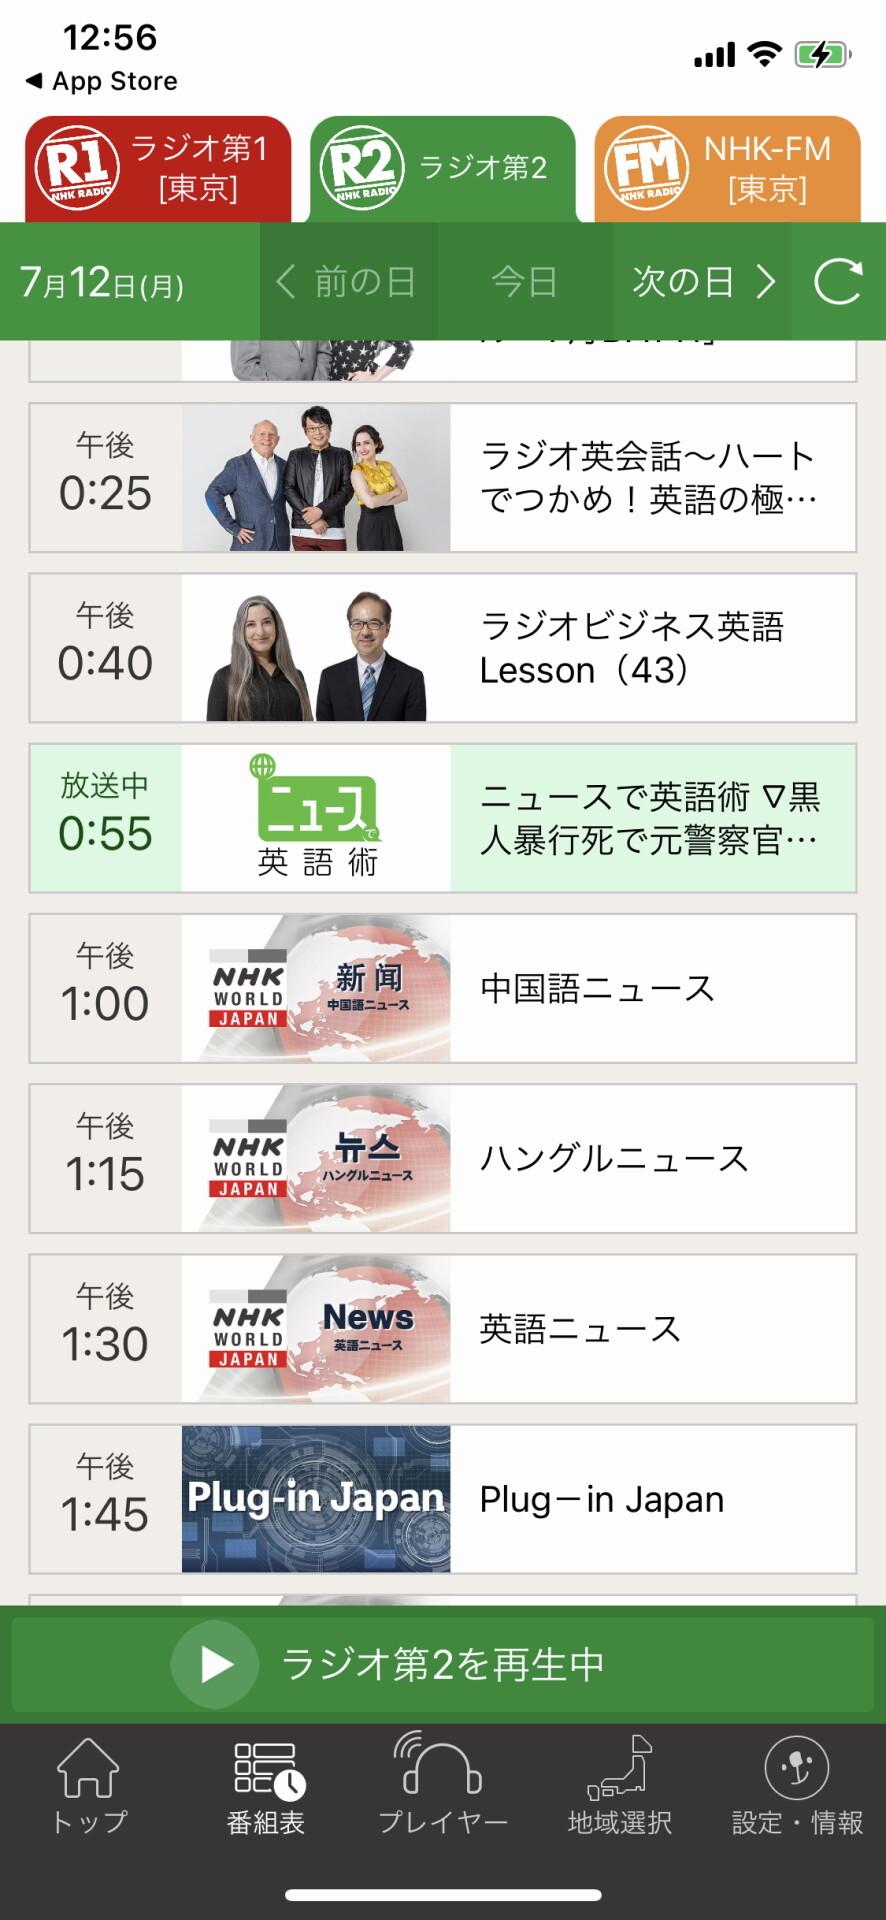 NHKラジオ第2の番組例